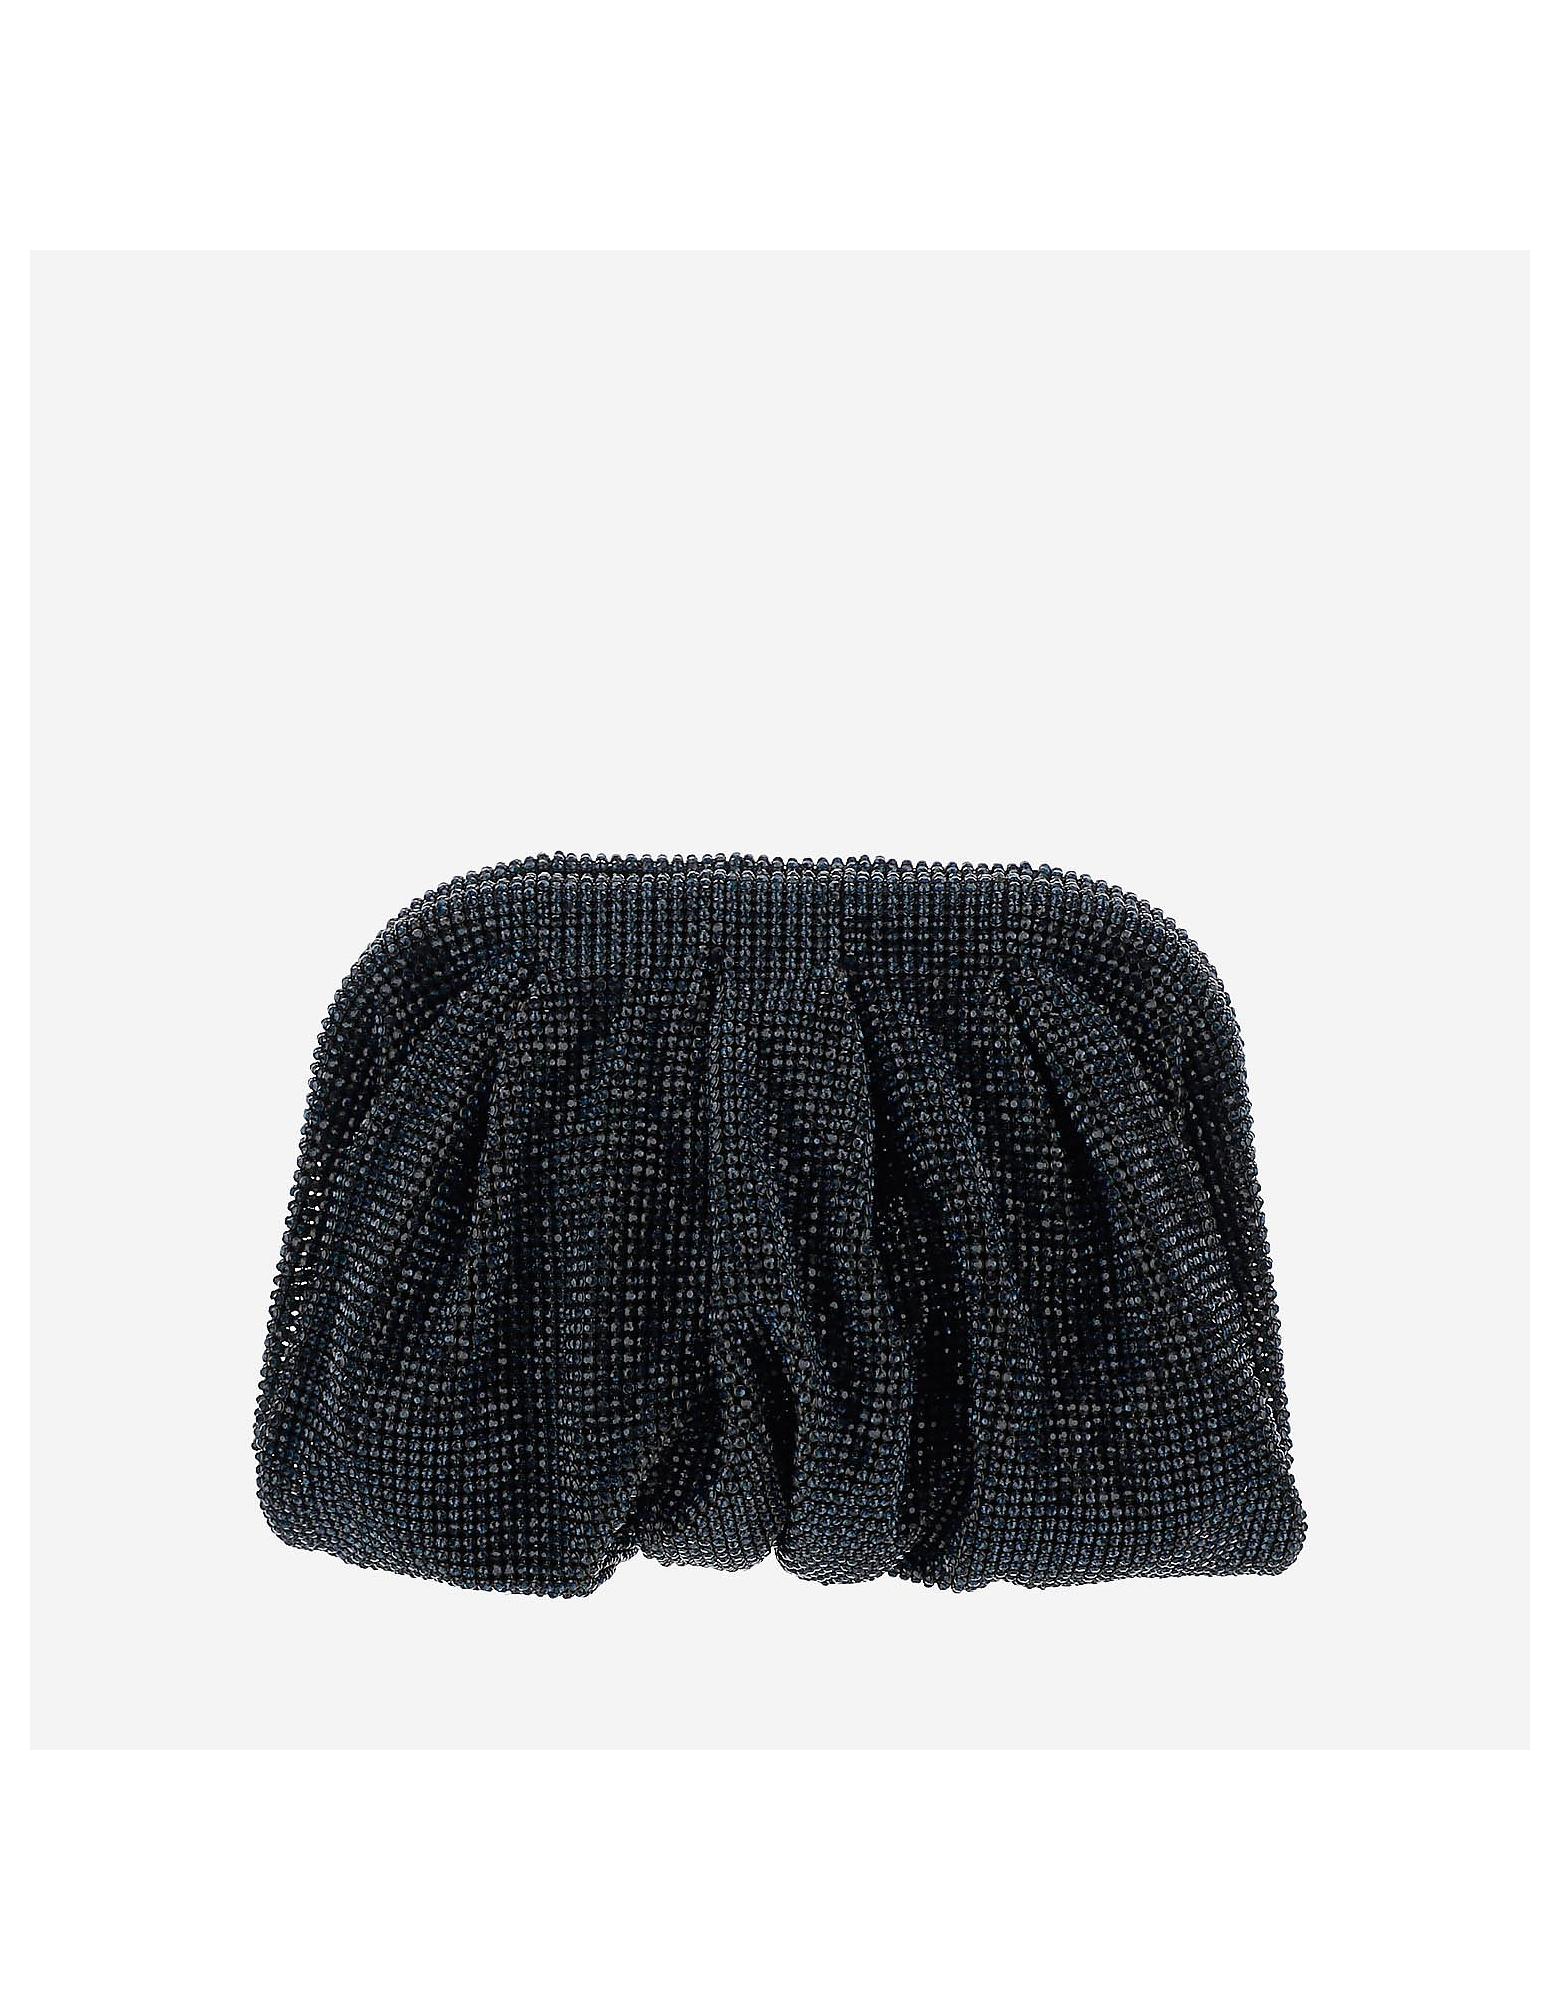 Benedetta Bruzziches Designer Handbags, Venus Small Navy Clutch